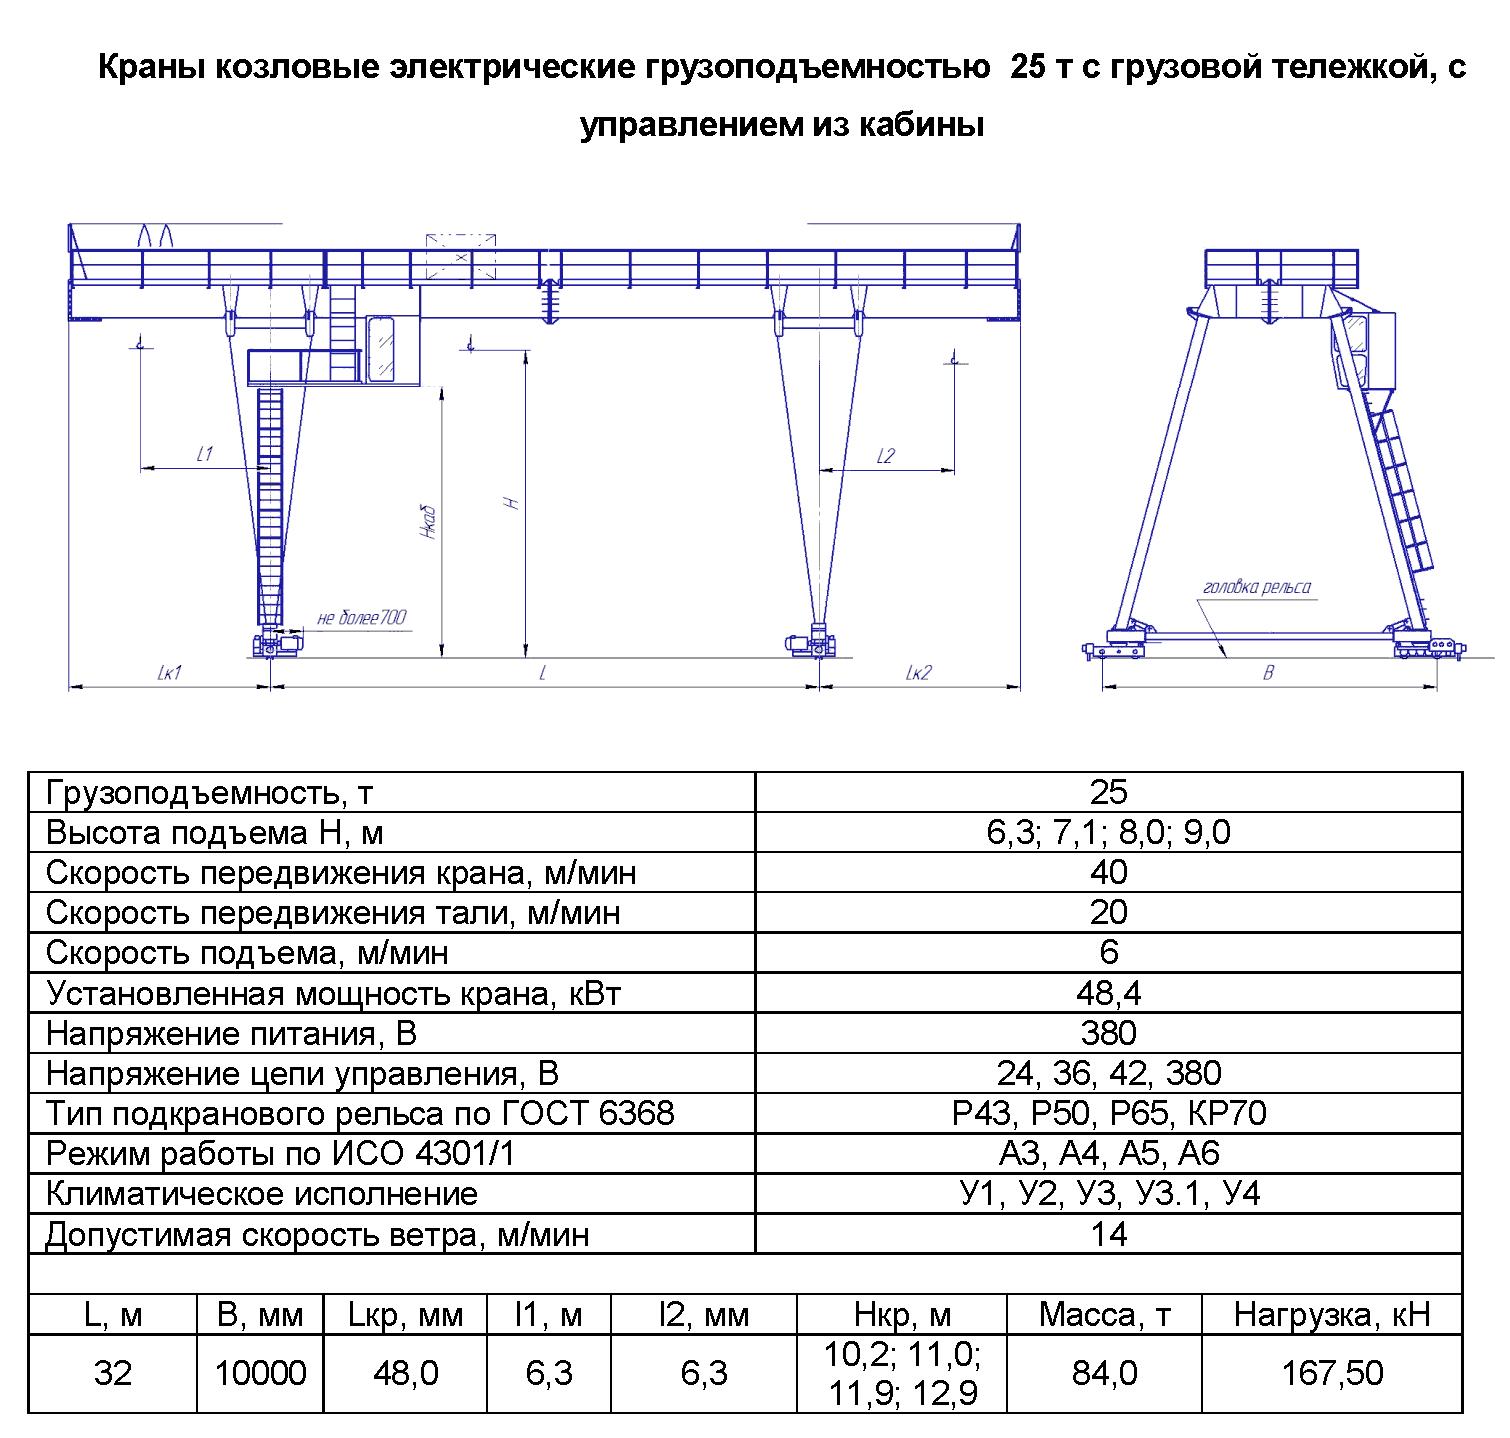 KKD 25 320 - Кран козловой электрический двухбалочный